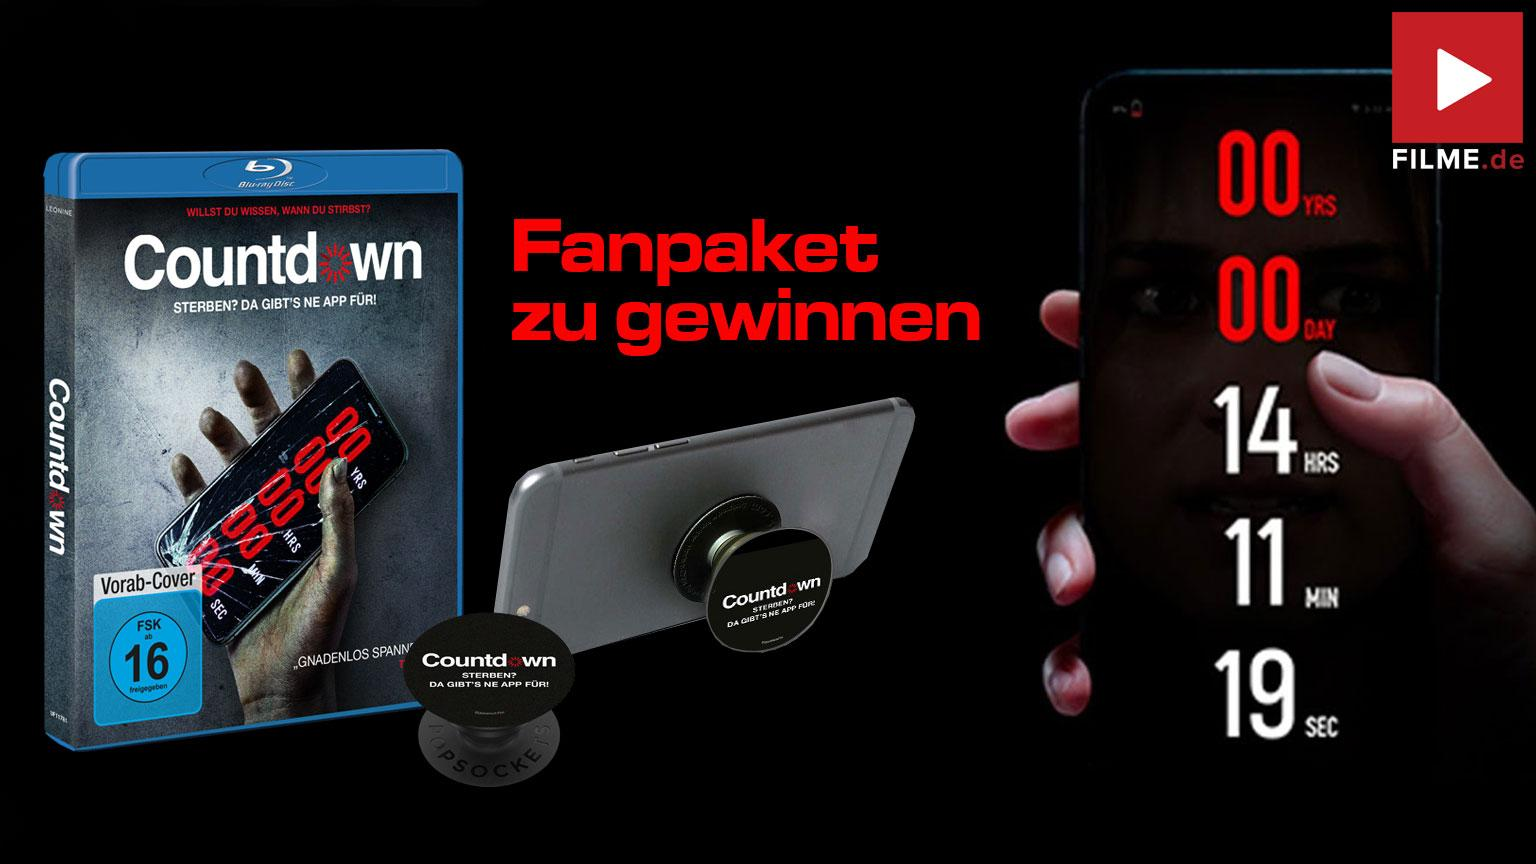 Countdown Fanpaket Gewinnspiel Artikelbild gewinnen shop kaufen